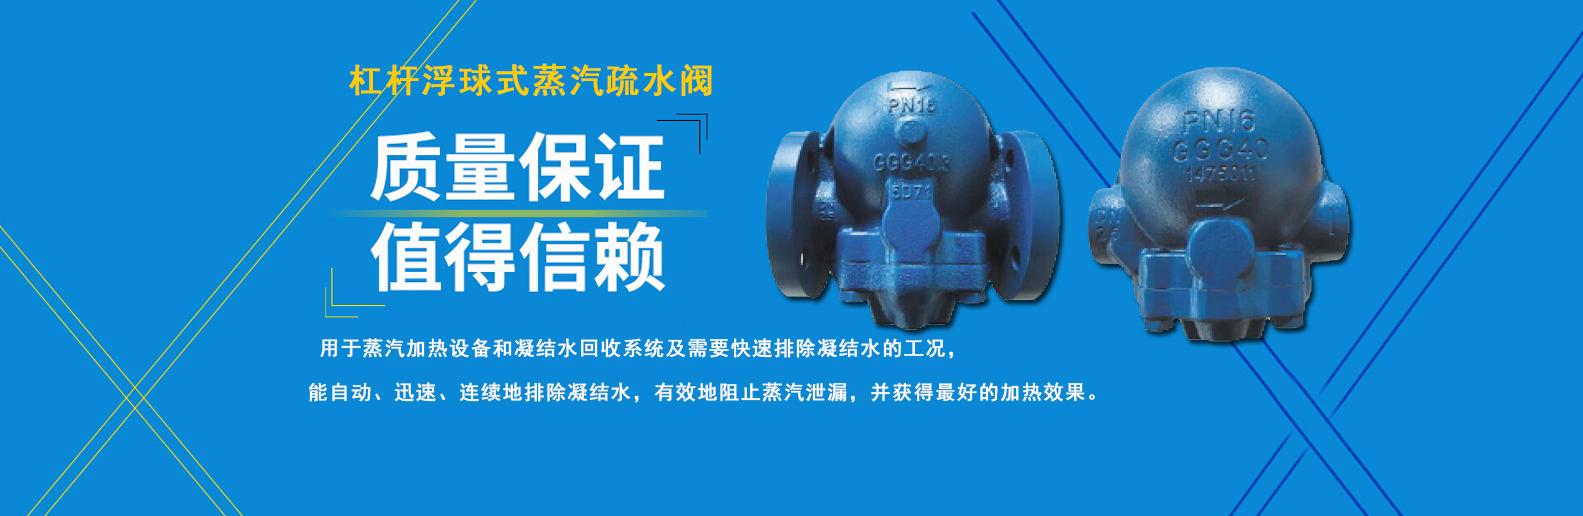 晋江市恒程机械制造有限公司